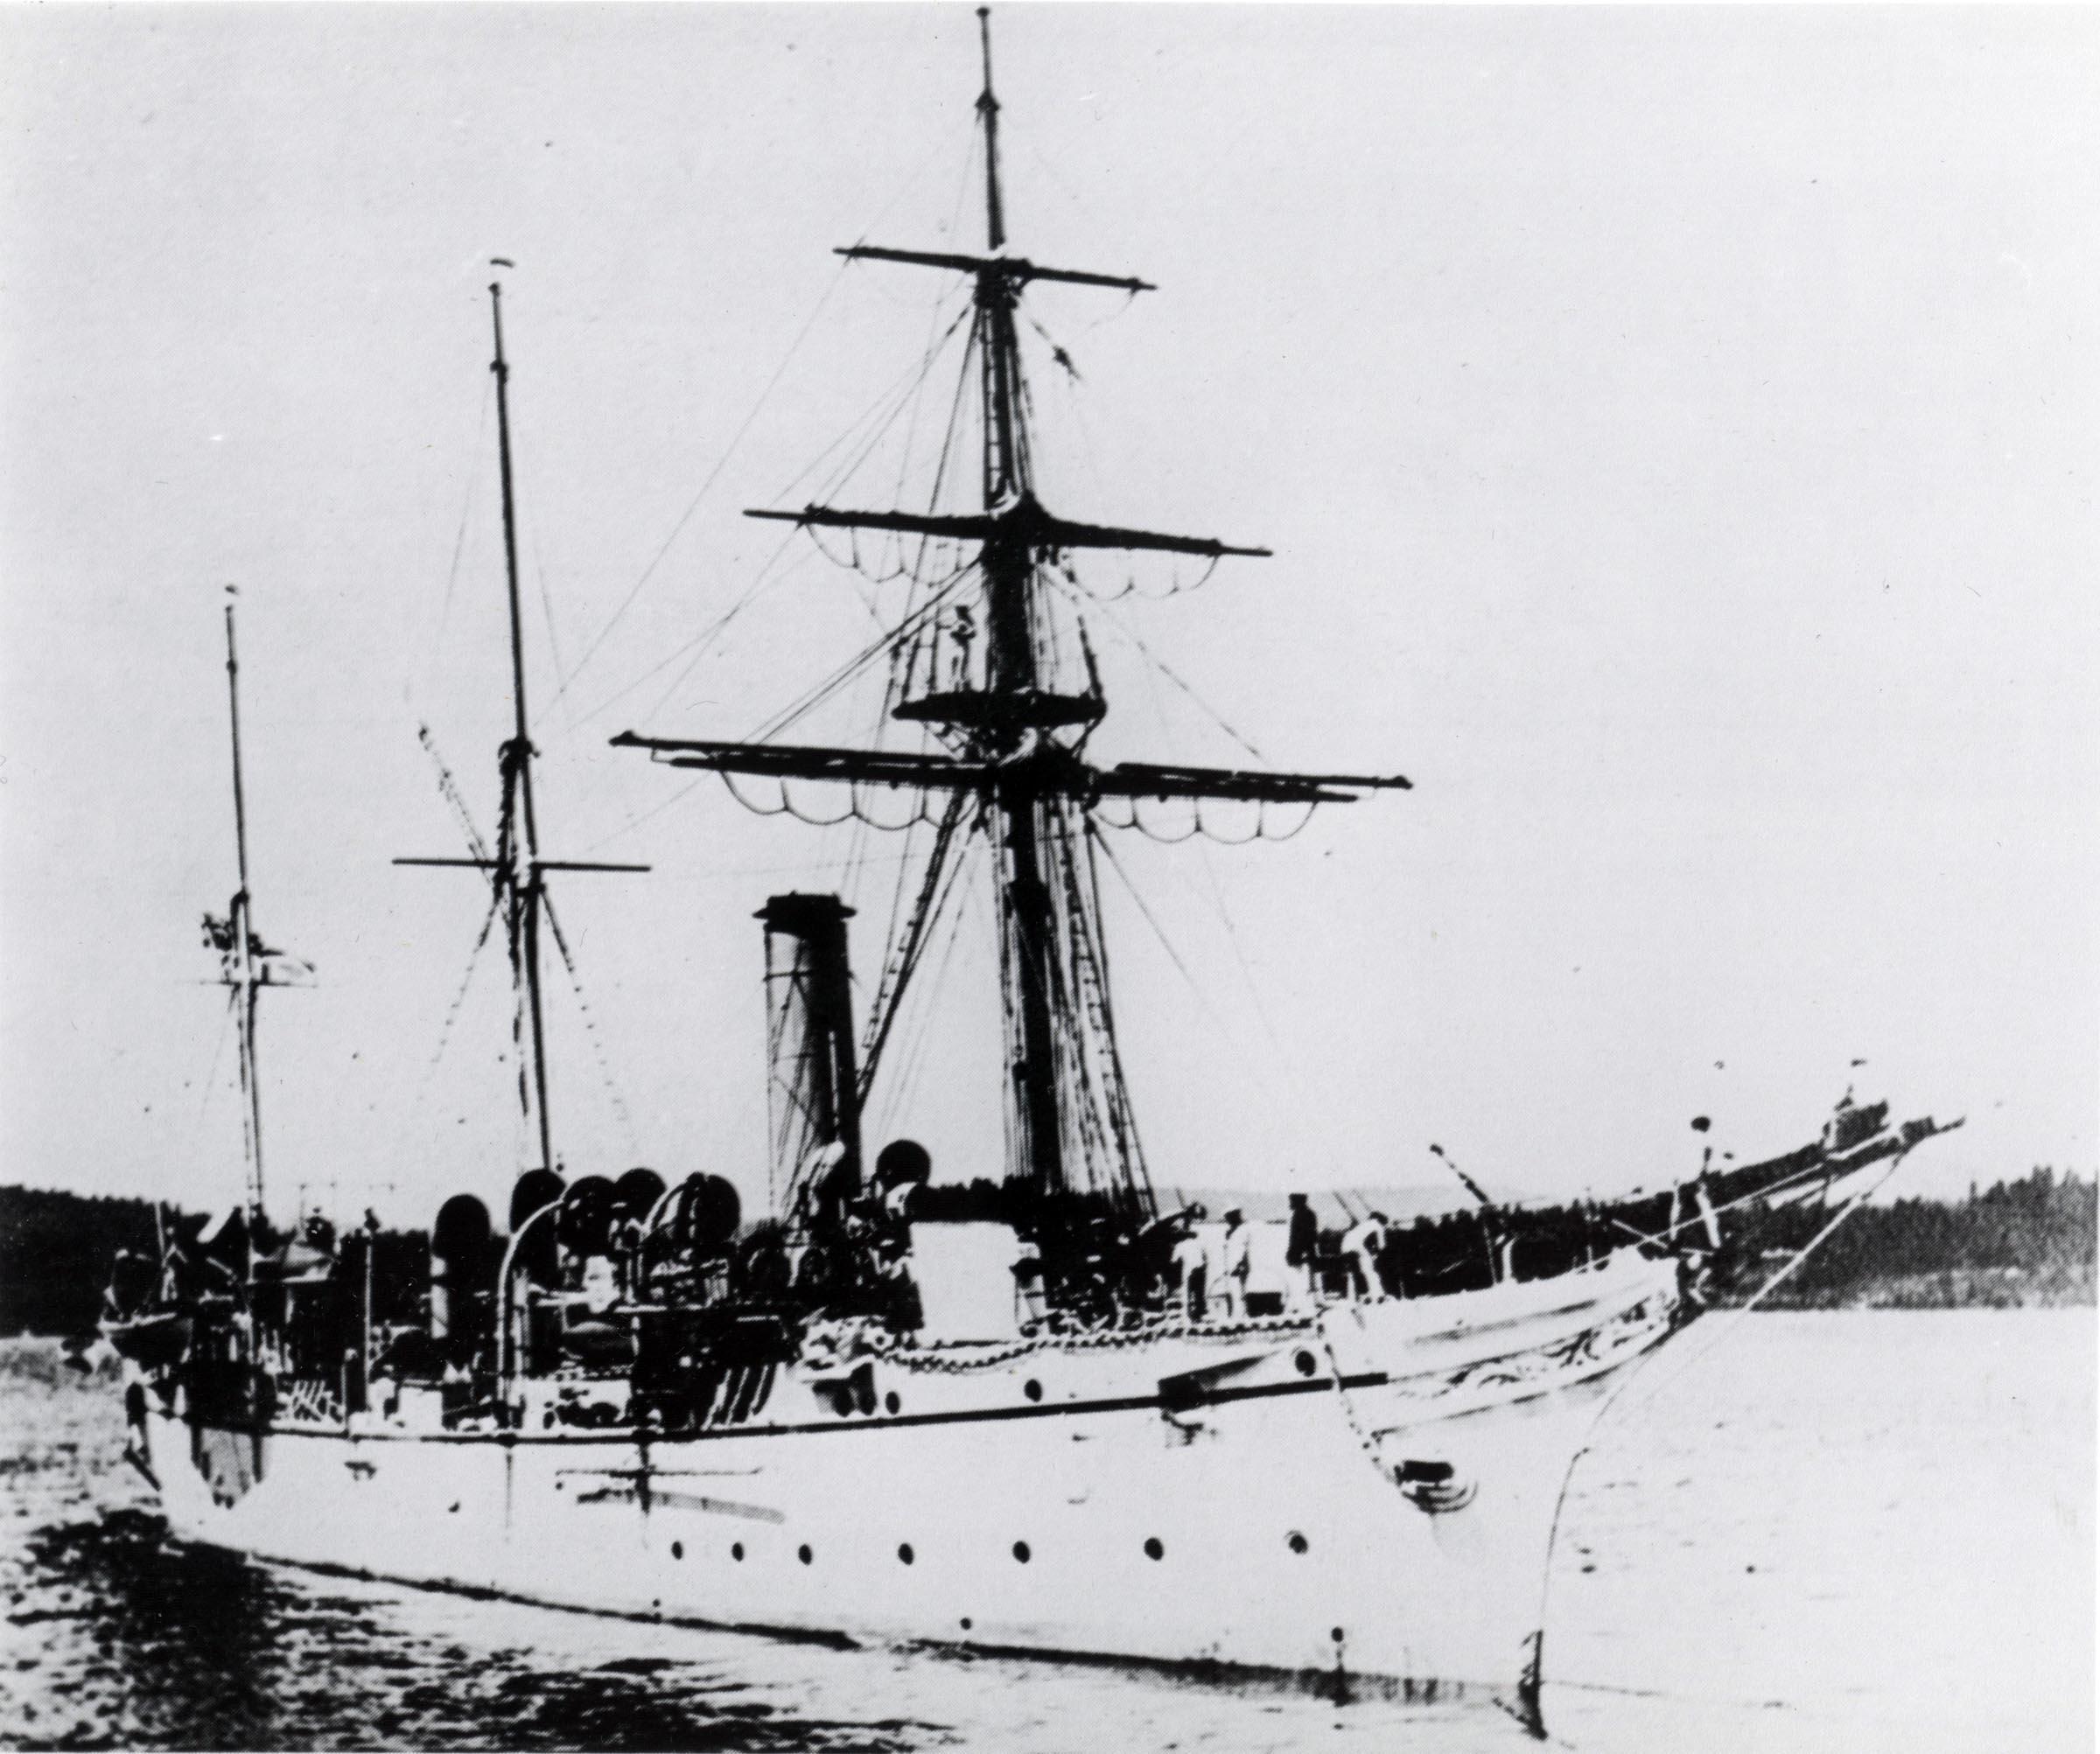 HMCS ALGERINE